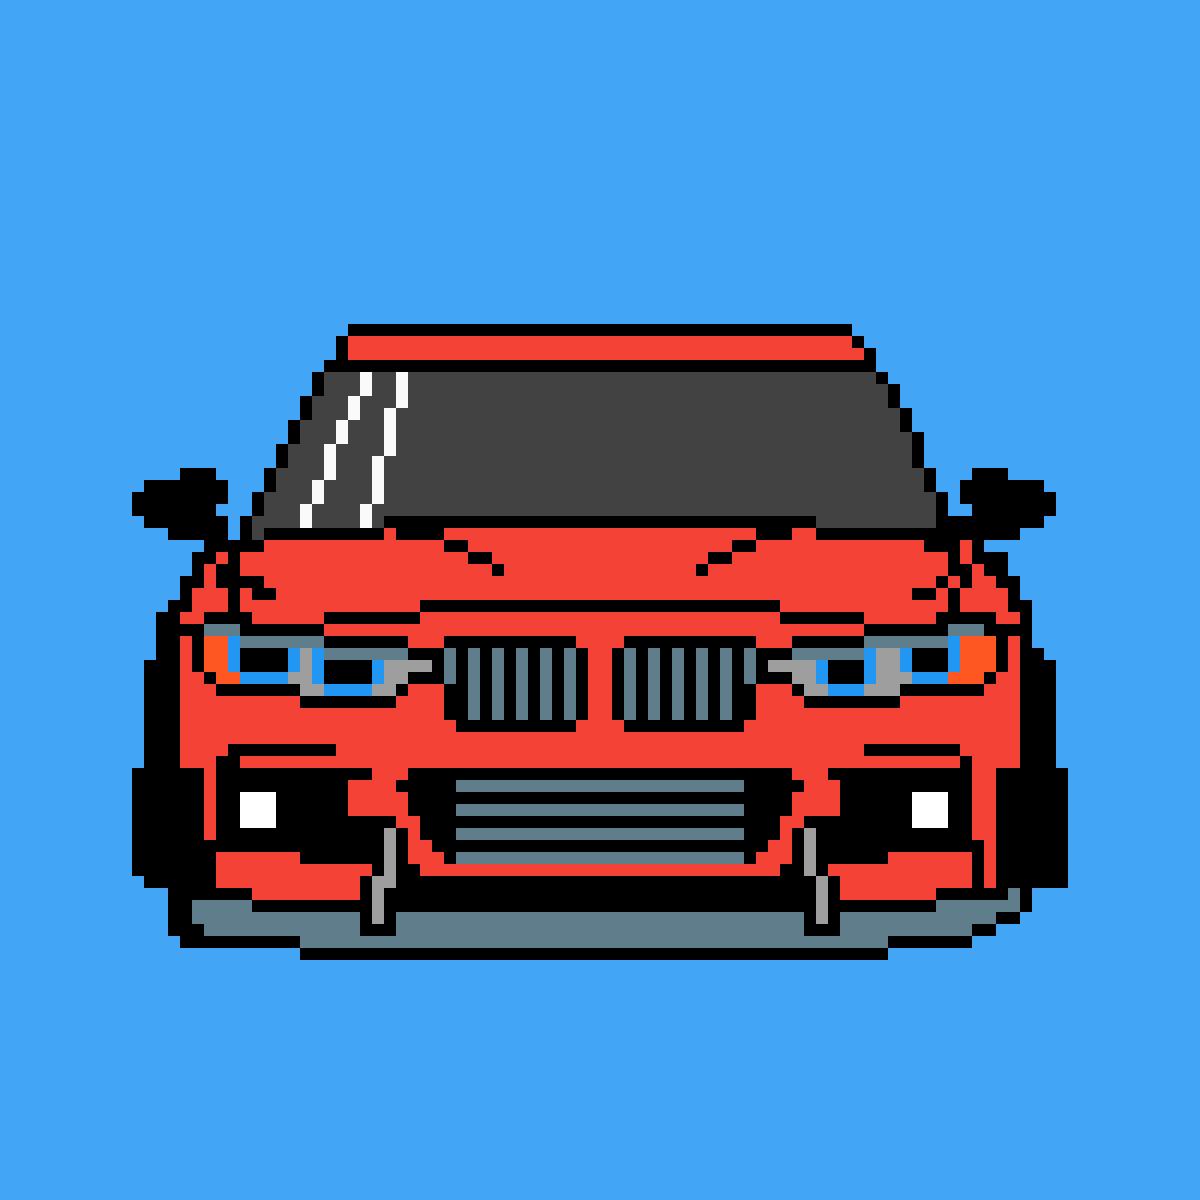 BMW my dream car by OL-RazzleDazzle